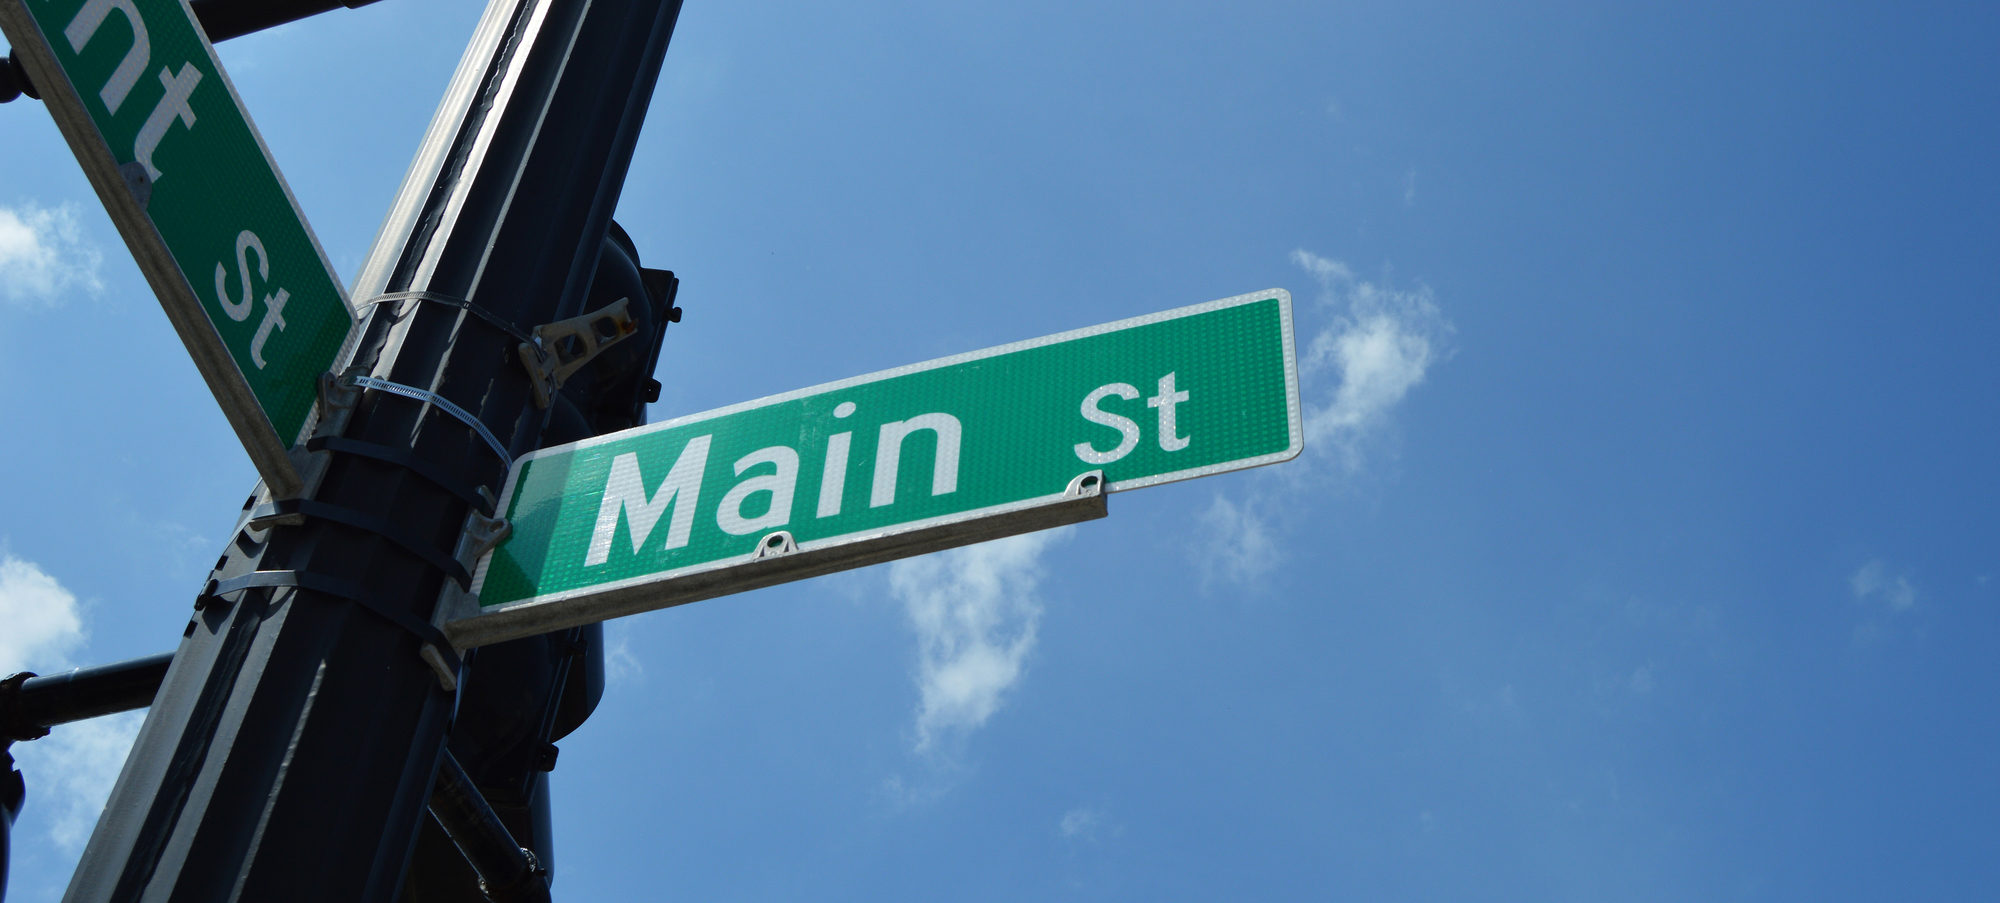 small town municipal street sign